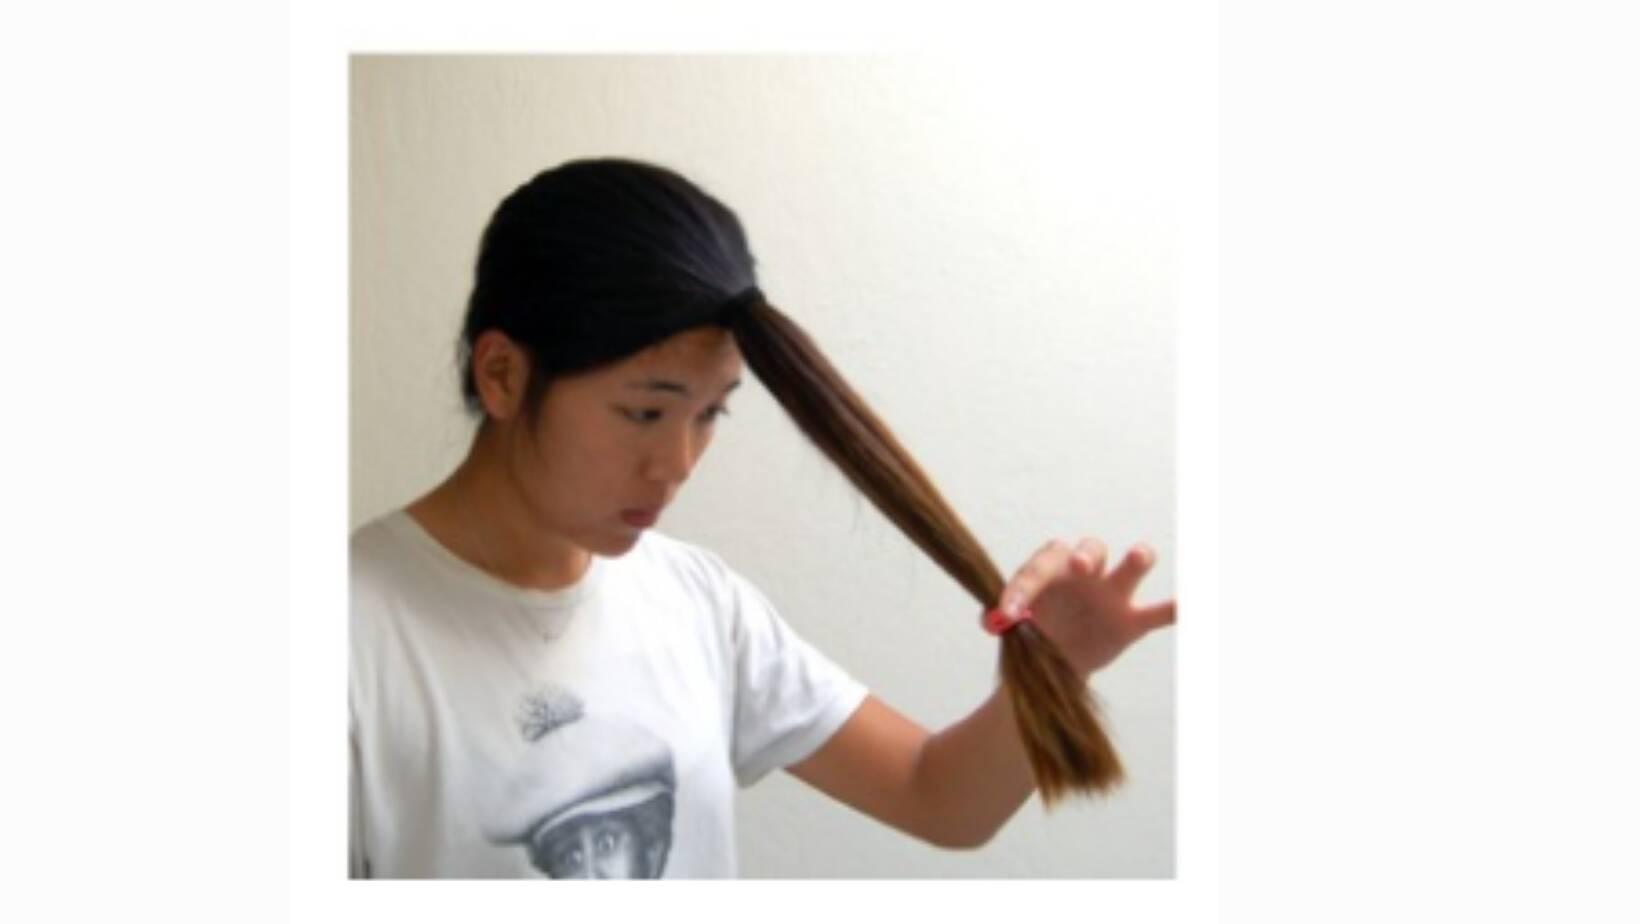 Depois de manter o cabelo preso, delimitar o tamanho que deseja fazer o corte. Foto: Reprodução Pinterest